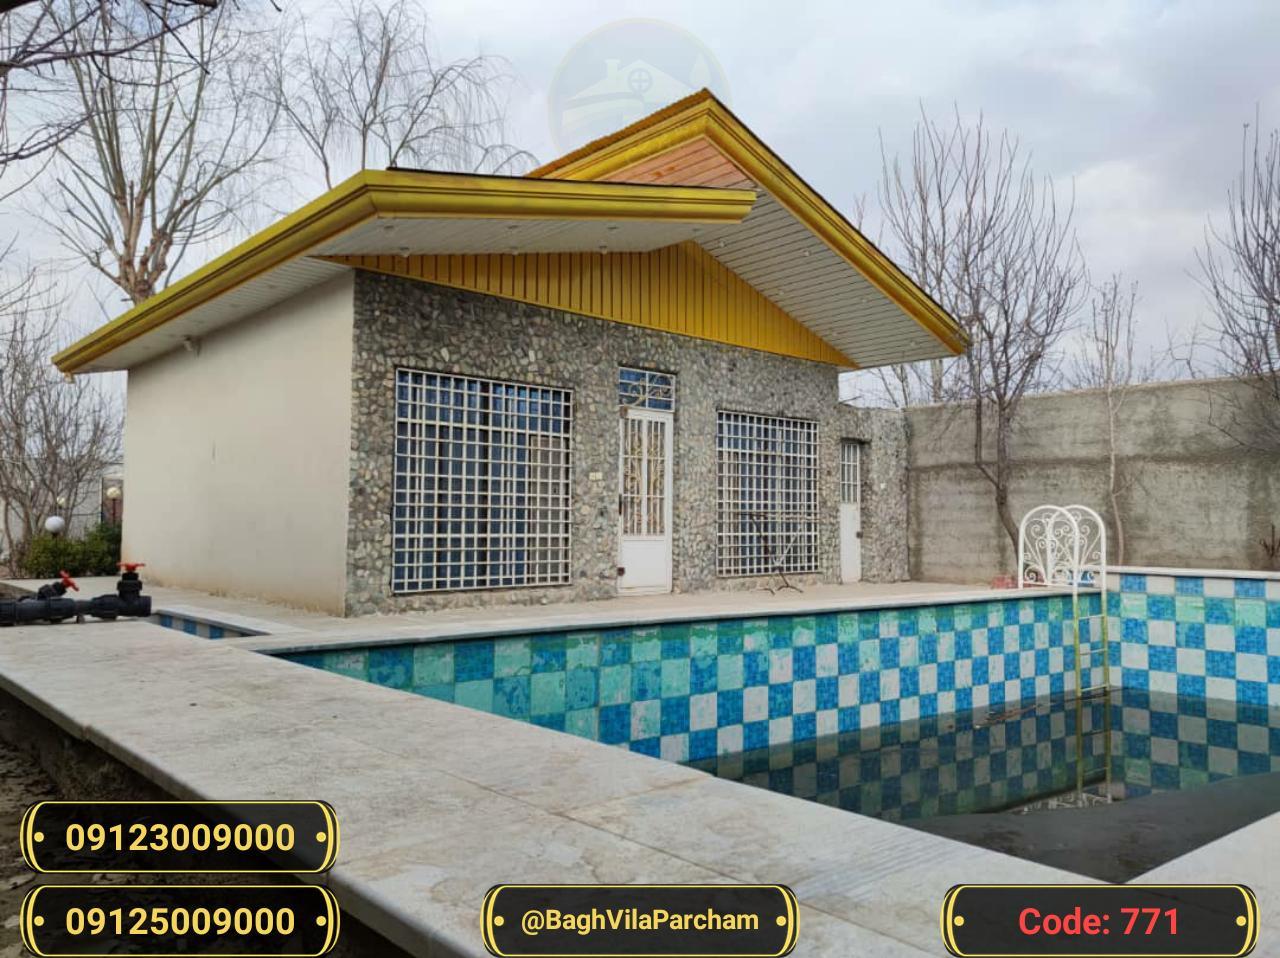 تصویر عکس باغ ویلا شماره 6 از ویلای ۵۰۰ متر ویلا کلاسیک Picture photo image 6 of ۵۰۰ متر ویلا کلاسیک